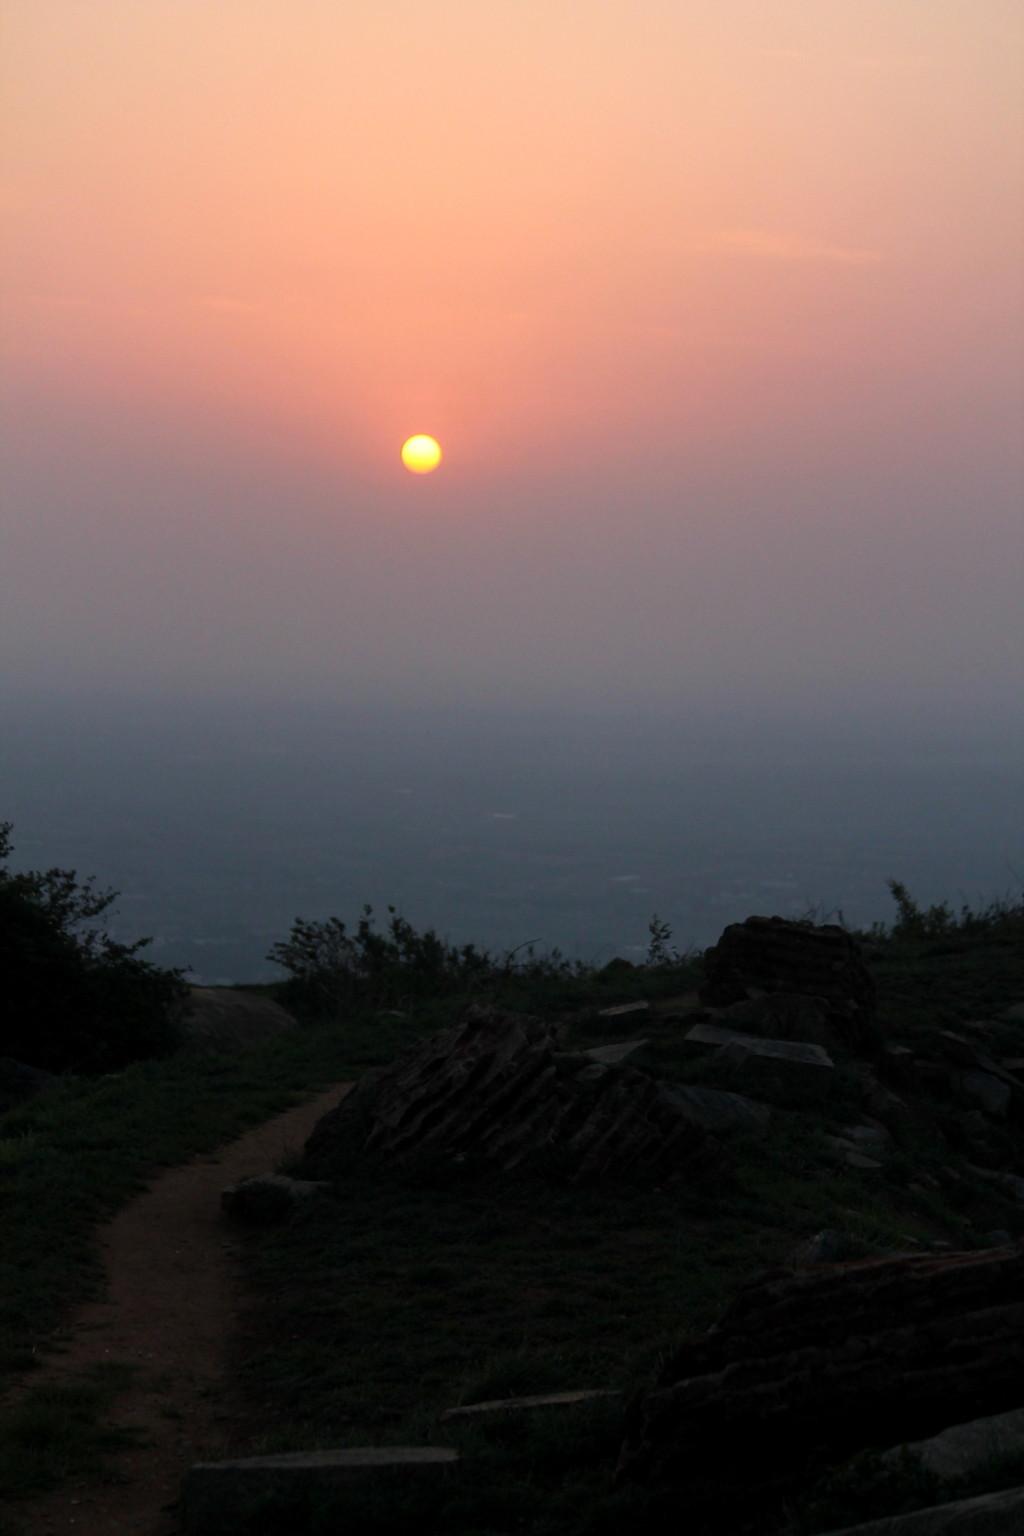 All ways lead to Sunrise